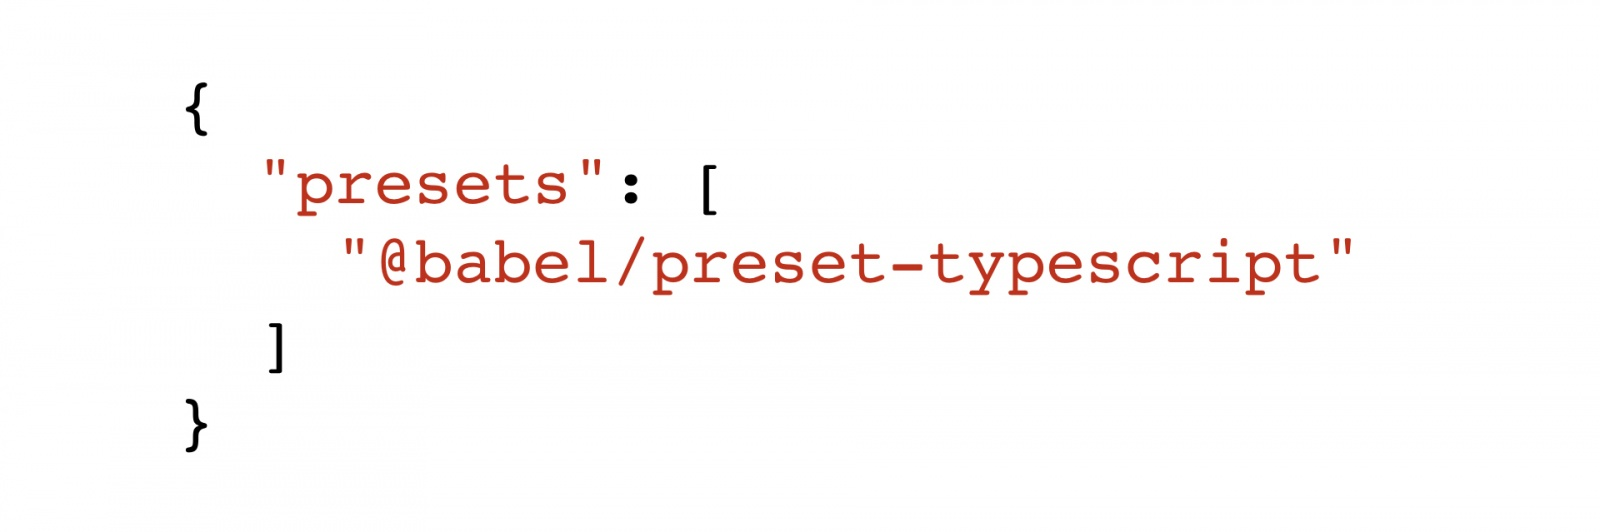 Минифицируем приватные поля в TypeScript. Доклад Яндекса - 24